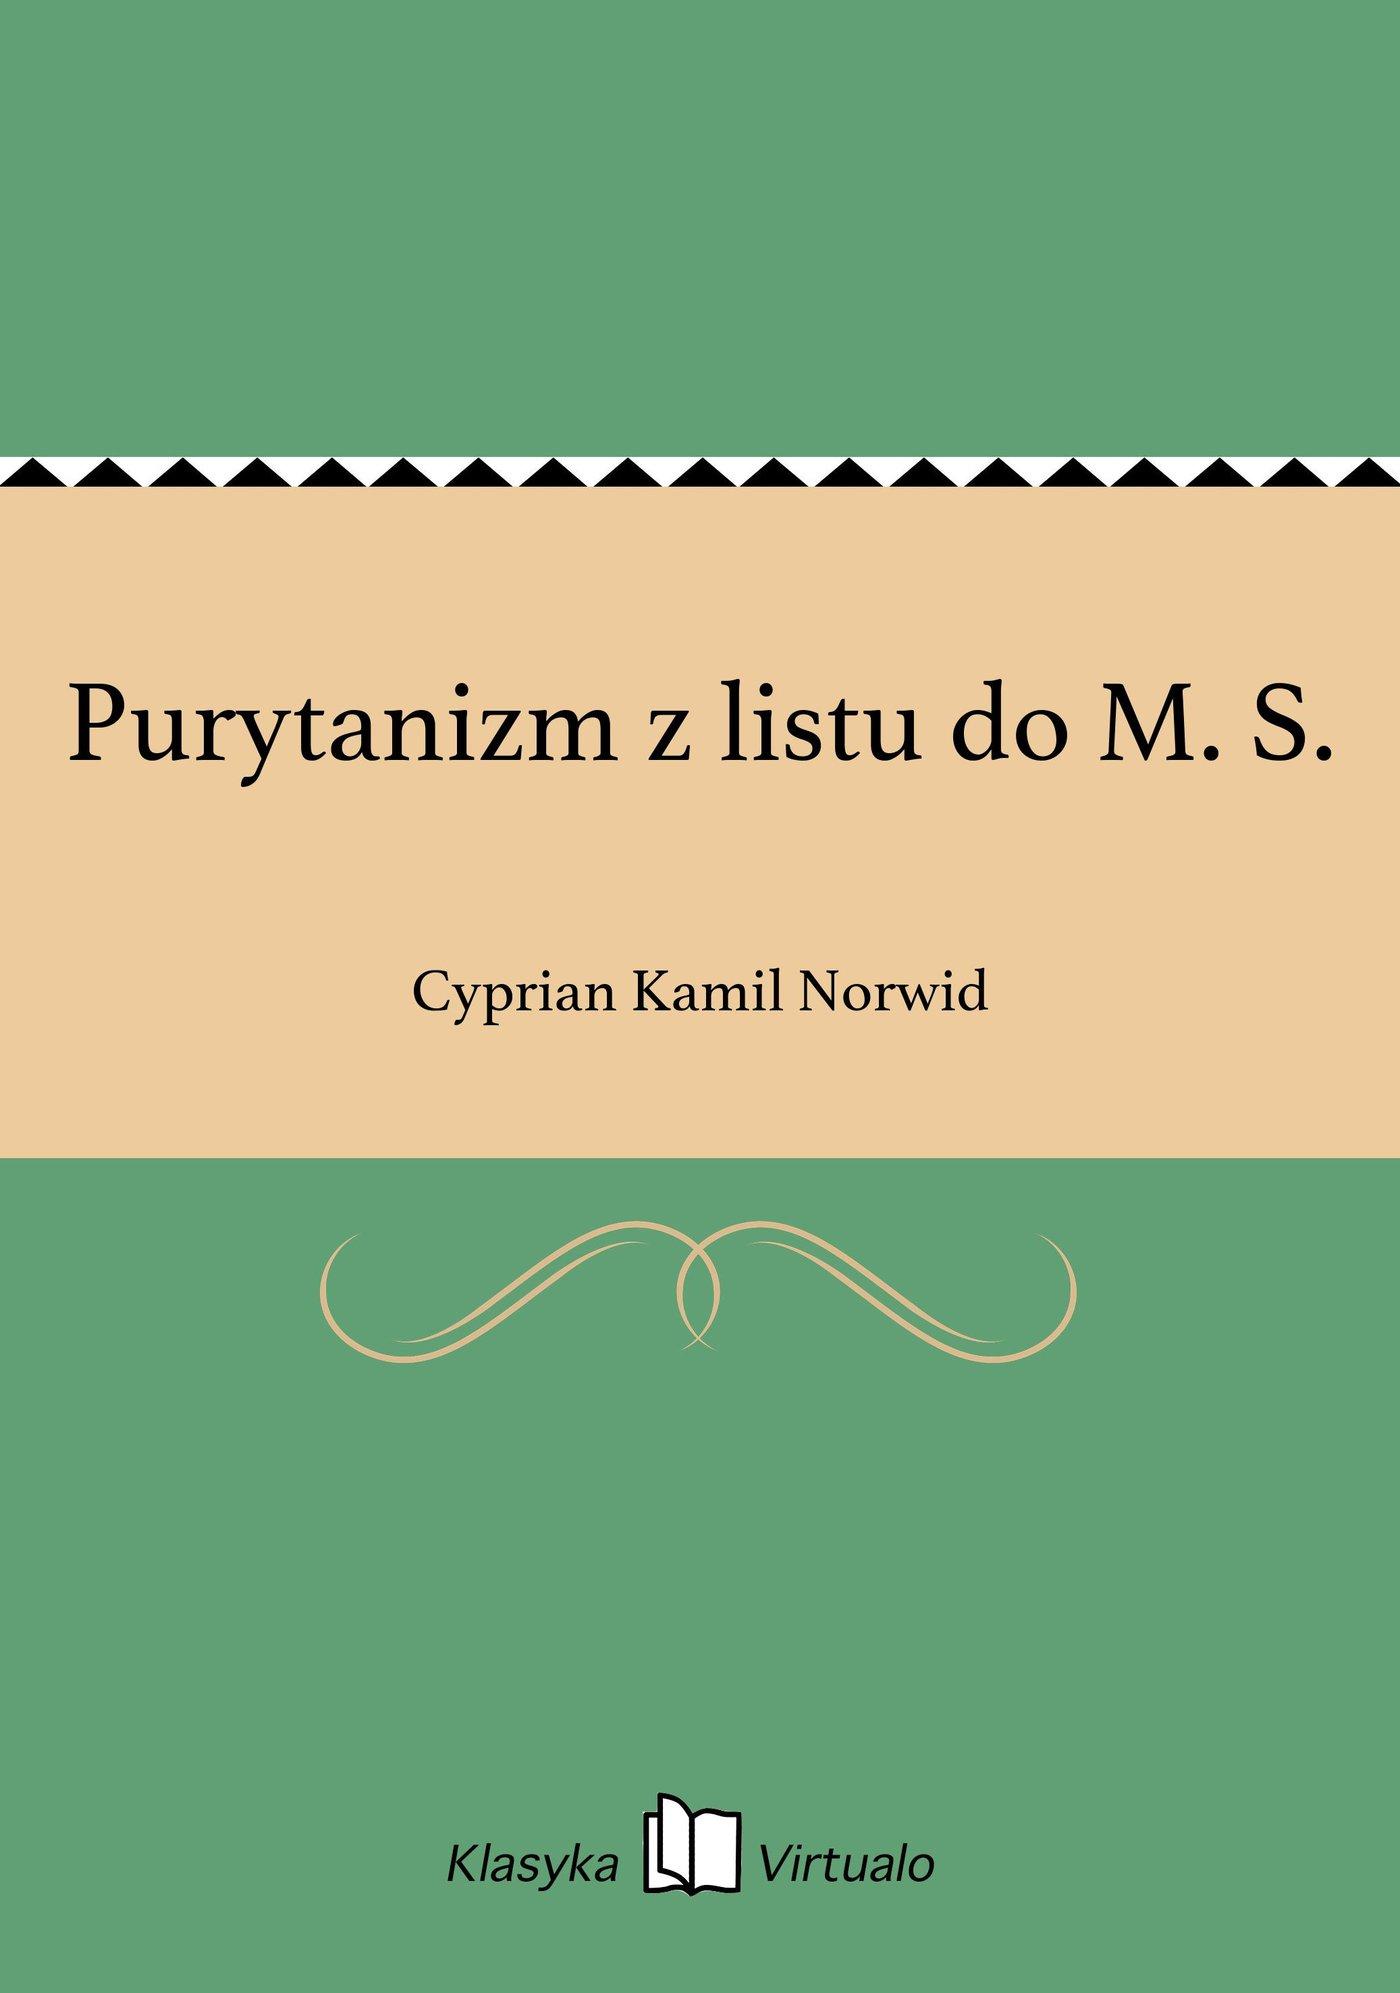 Purytanizm z listu do M. S. - Ebook (Książka EPUB) do pobrania w formacie EPUB